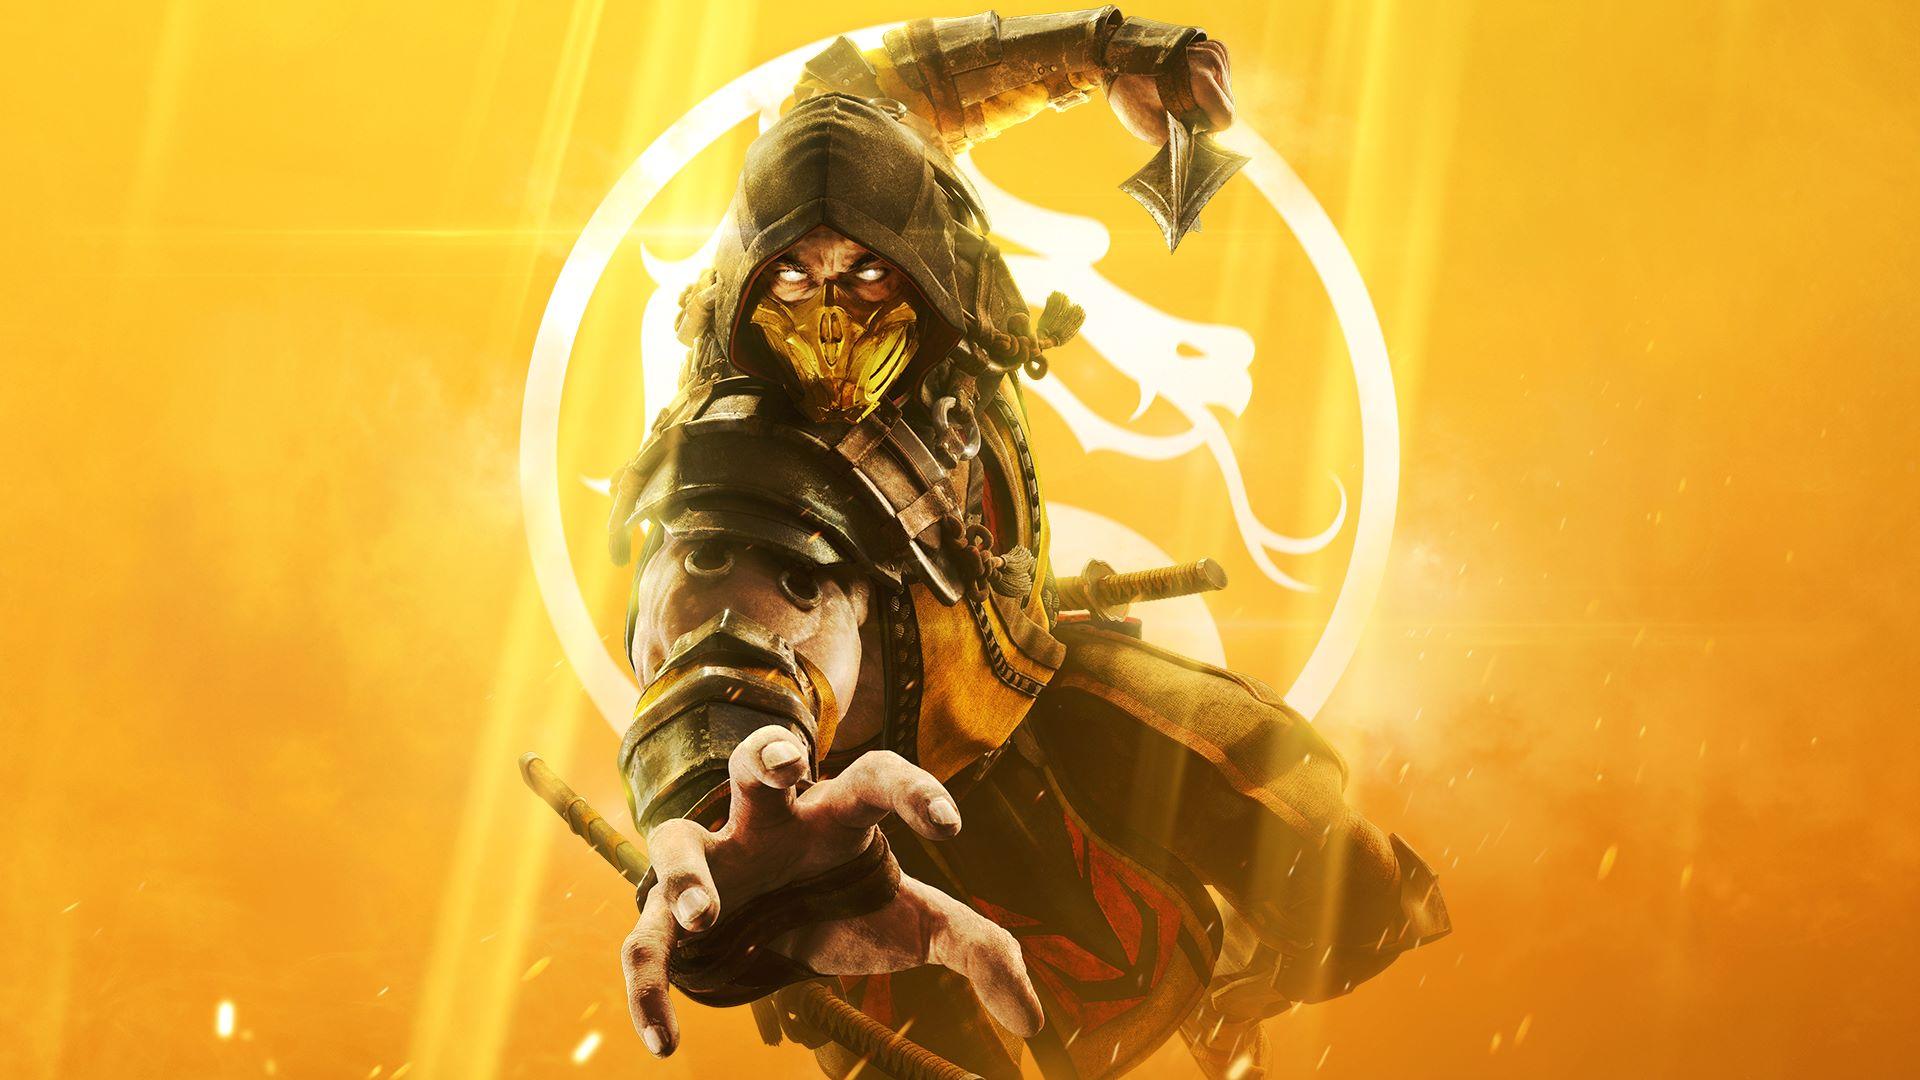 หนัง Mortal Kombat จ่อถ่ายปีนี้ โดยมี James Wan นั่งแท่นโปรดิวซ์